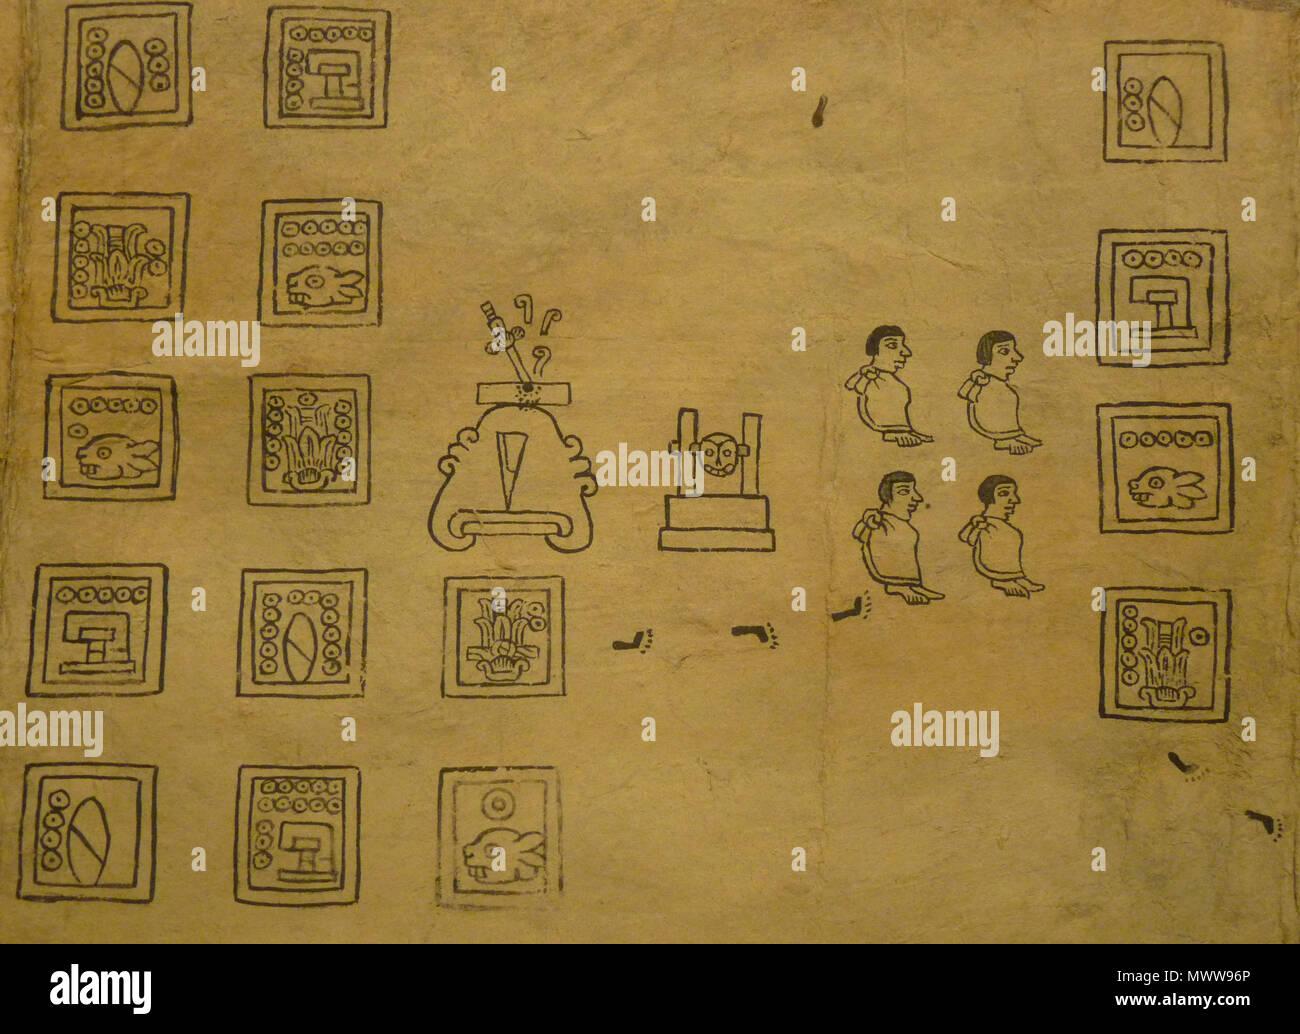 . Codex Boturini (also known as Tira de la peregrinación), folio 10 . First half of 16th century. Unknown (codex) - El Comandante (photographer) 94 Boturini Codex (folio 10) - Stock Image